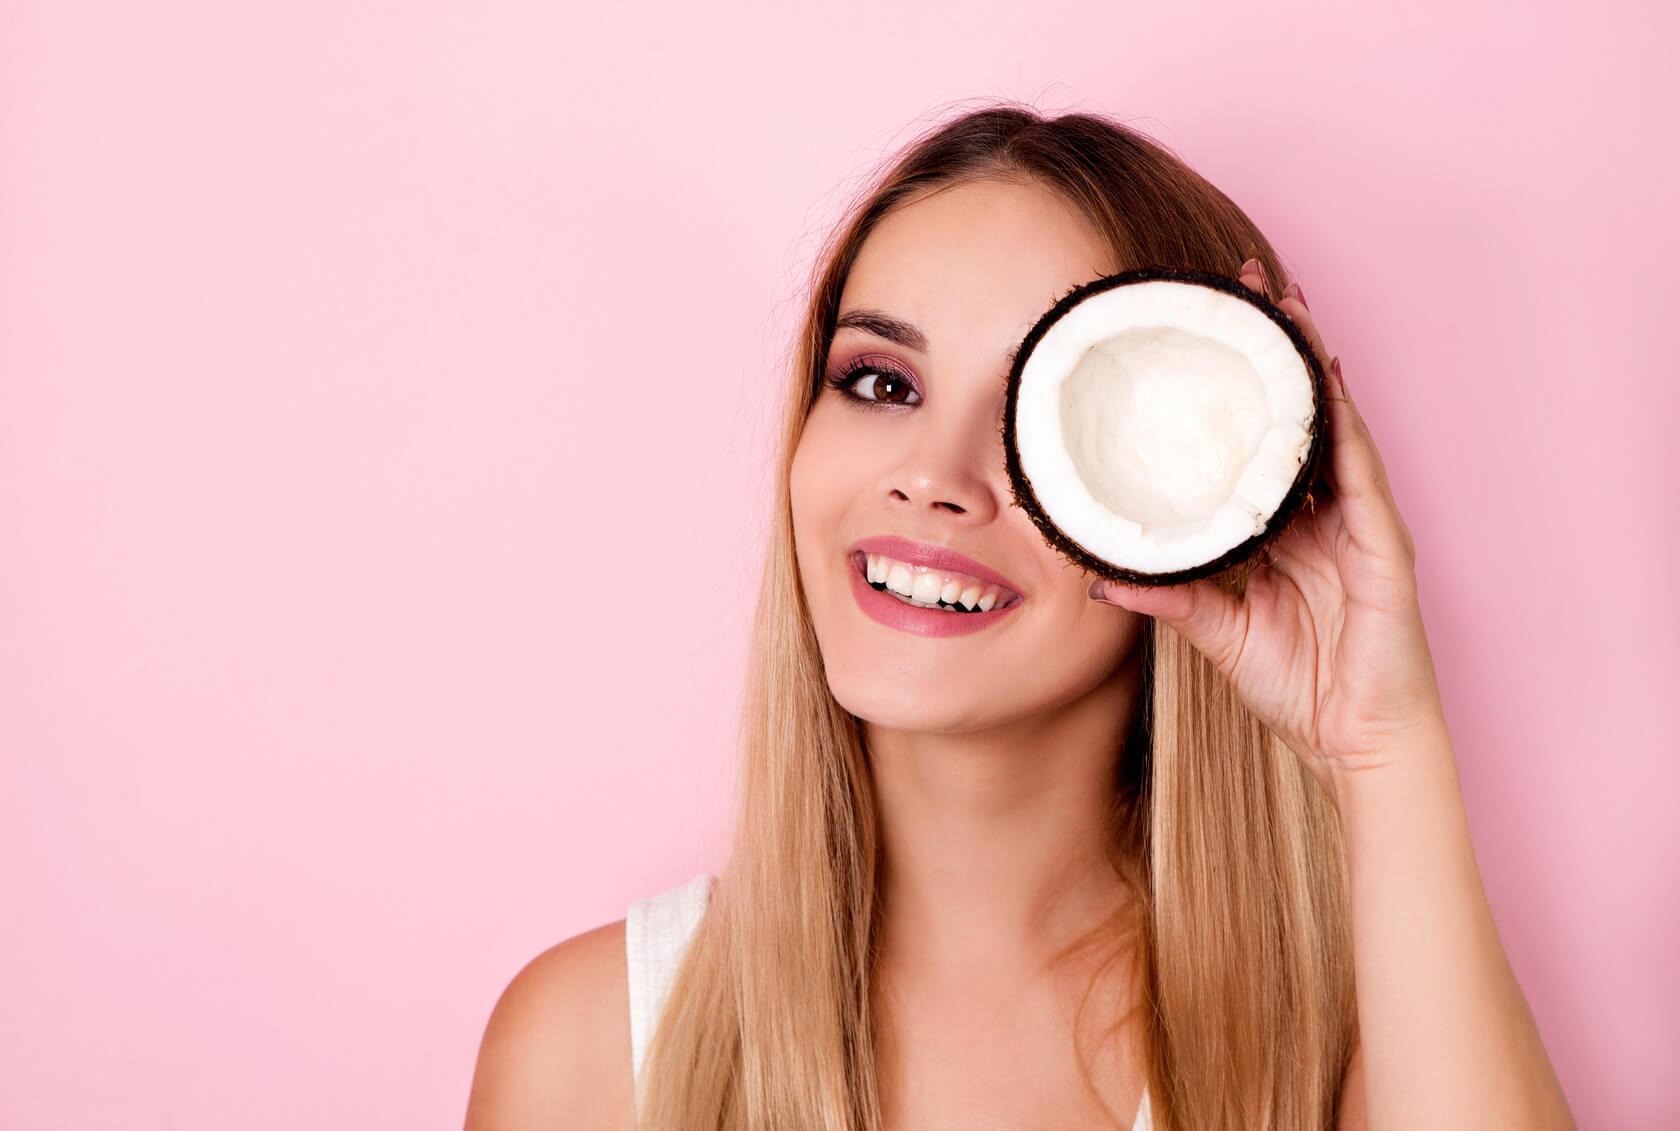 Mogu kokosovog ulja, ispunjena je sa toliko debeo, korist vaše zdravlje i wellness?